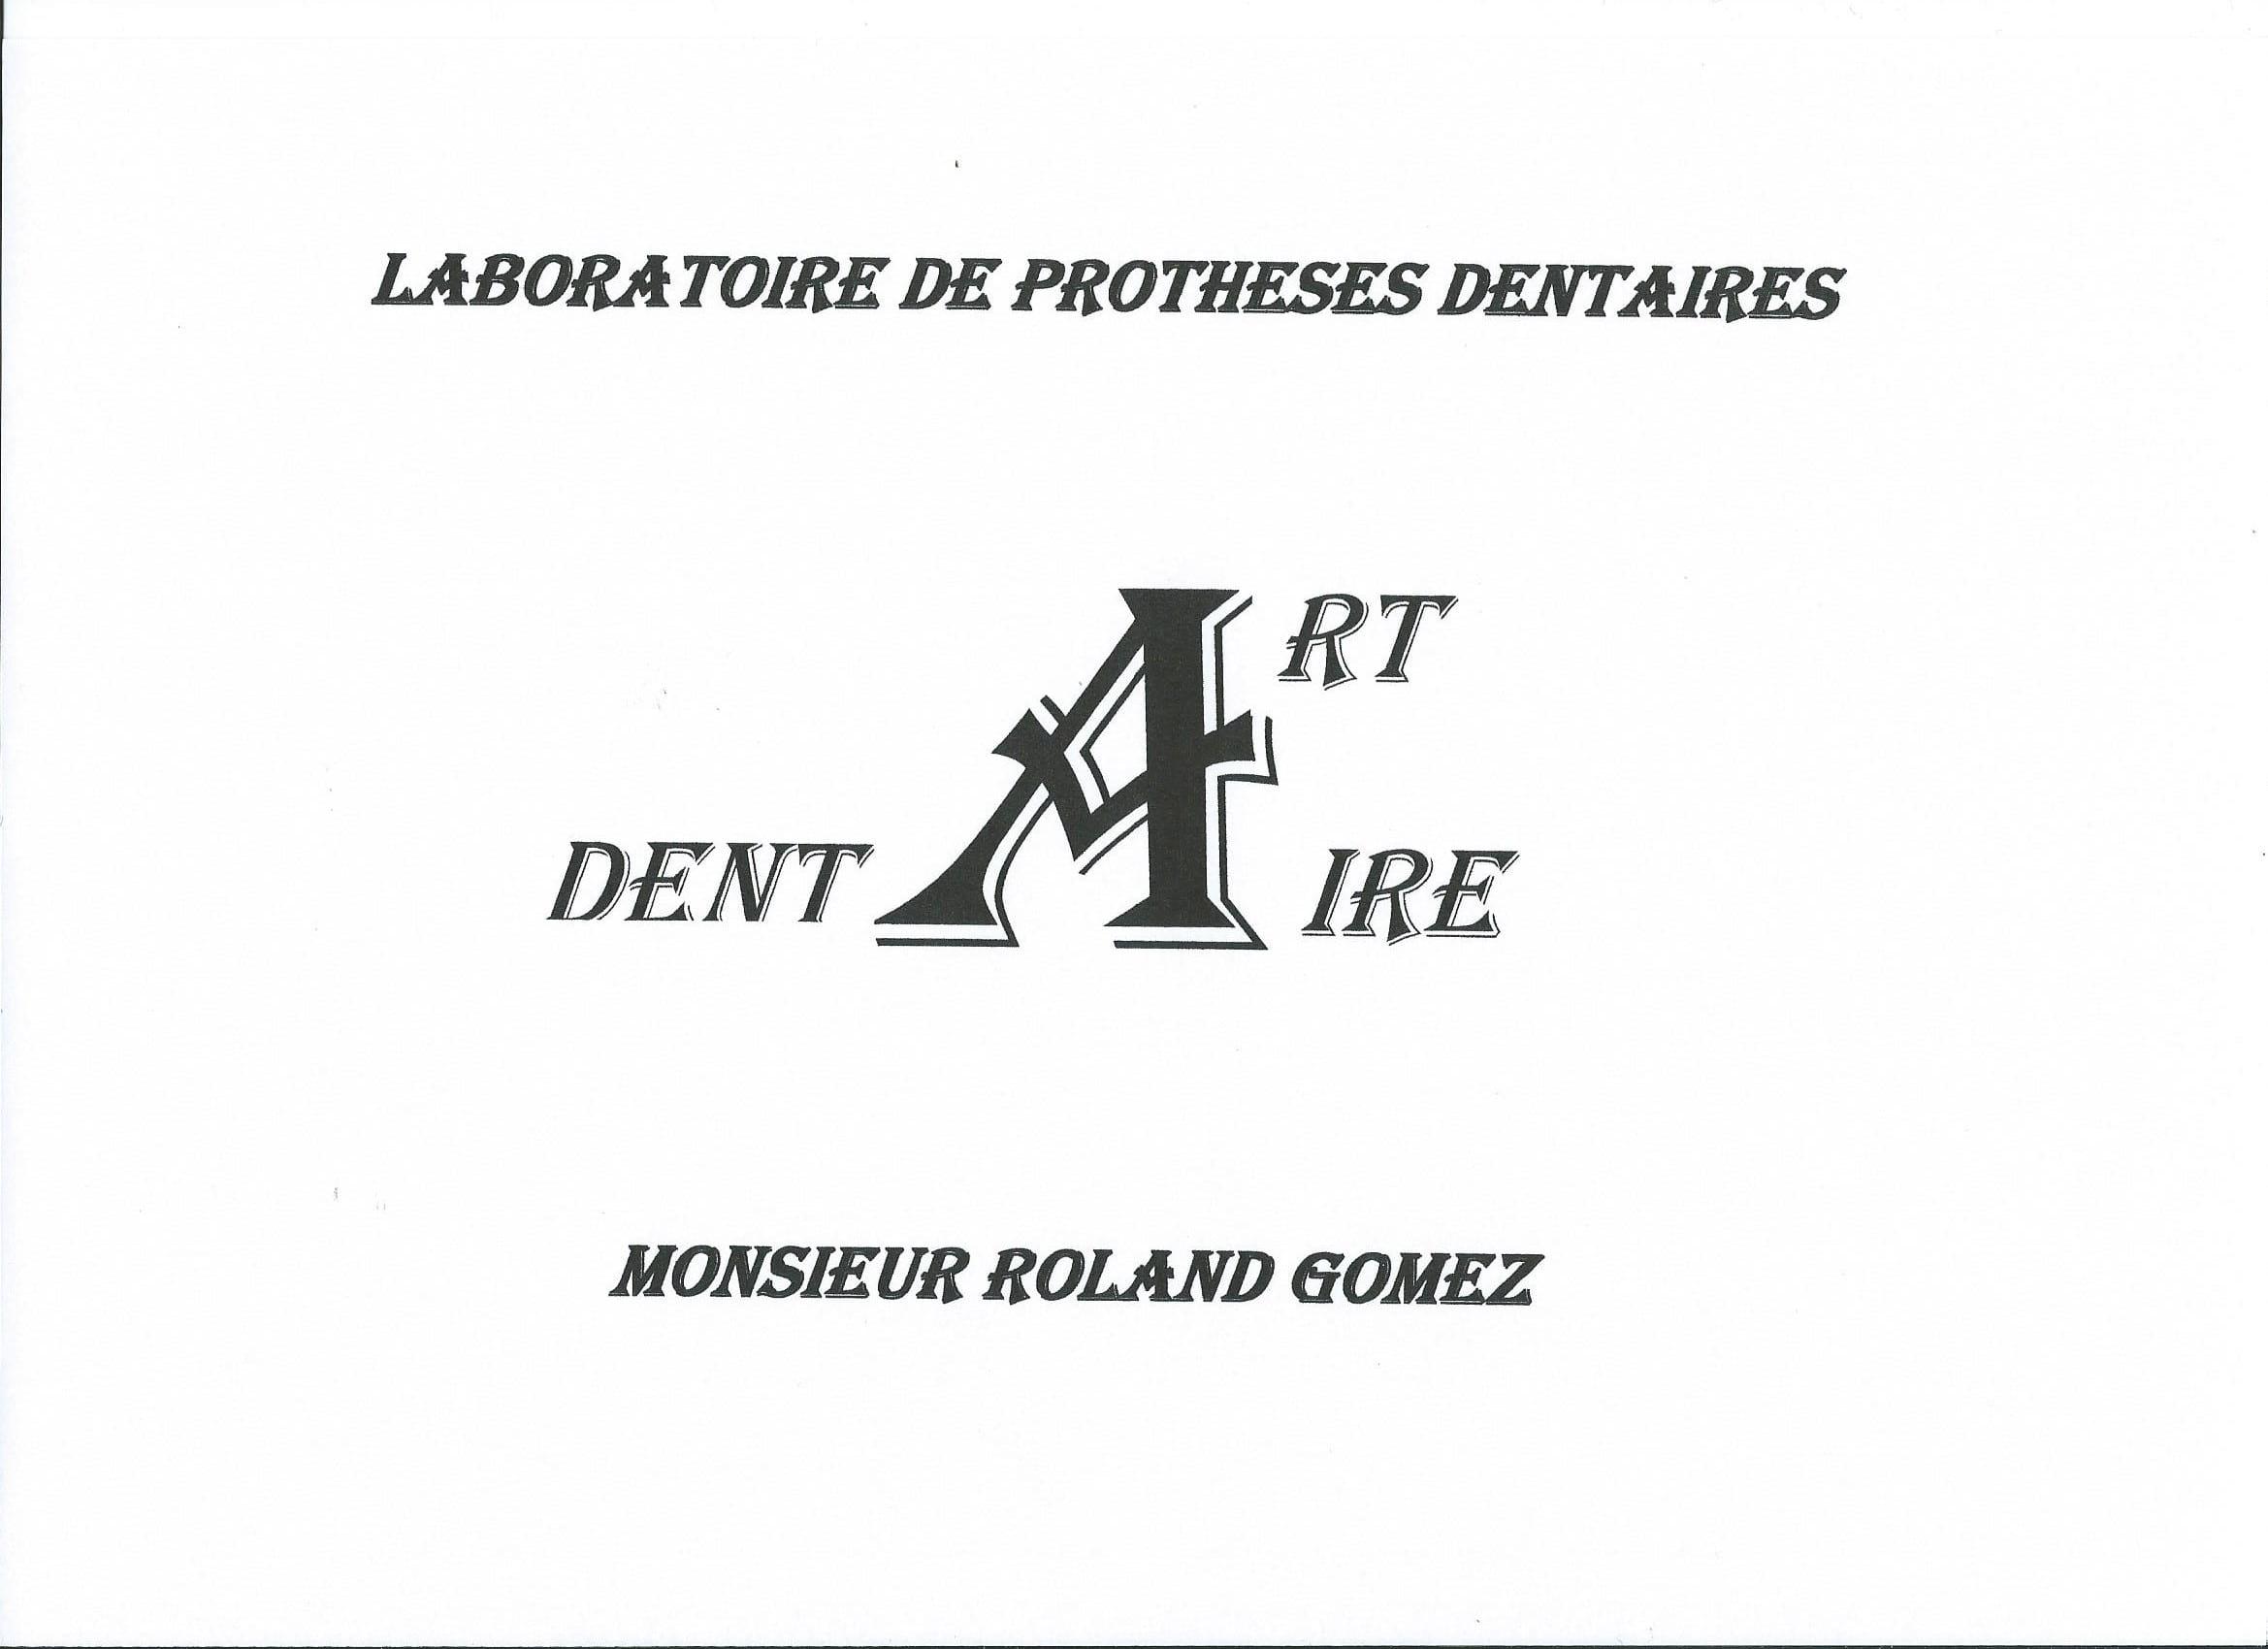 salaire prothesiste dentaire Le salaire mensuel brut d'un prothésiste dentaire est d'environ 1 520€ en début de carrière et de 2 550€ en fin de carrière prothésiste-dentaire.